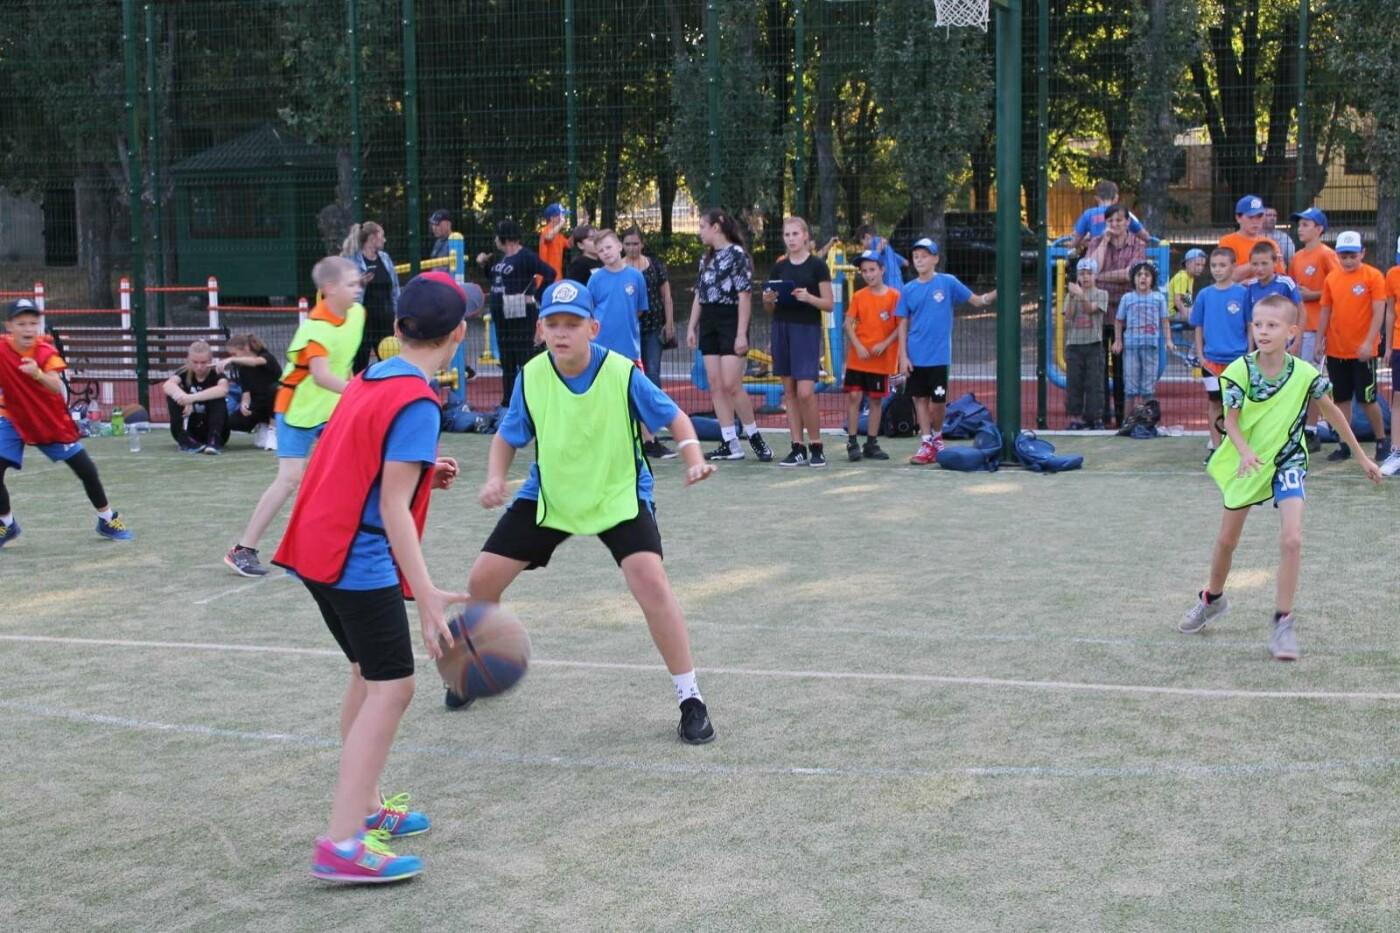 Турнир в День города: в Лозовой больше ста баскетболистов сыграли в стритбол, фото-2